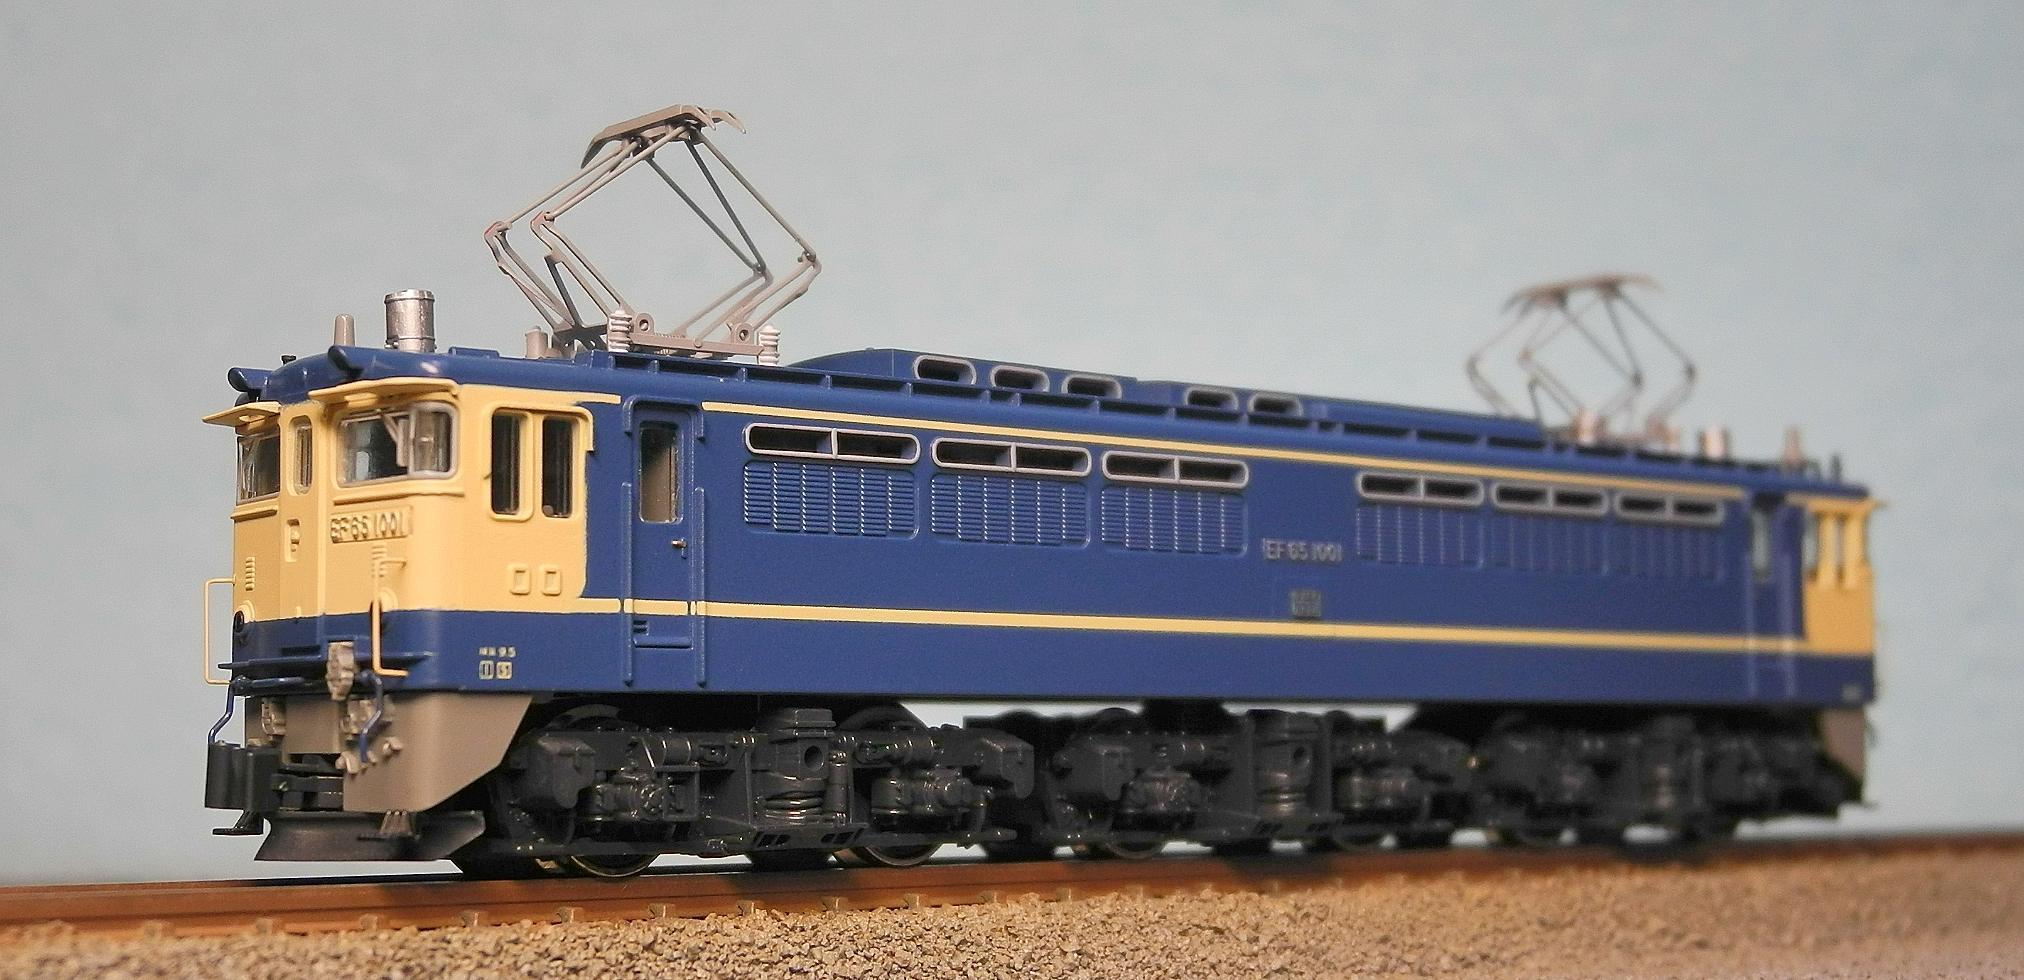 DSCN8562-1.jpg